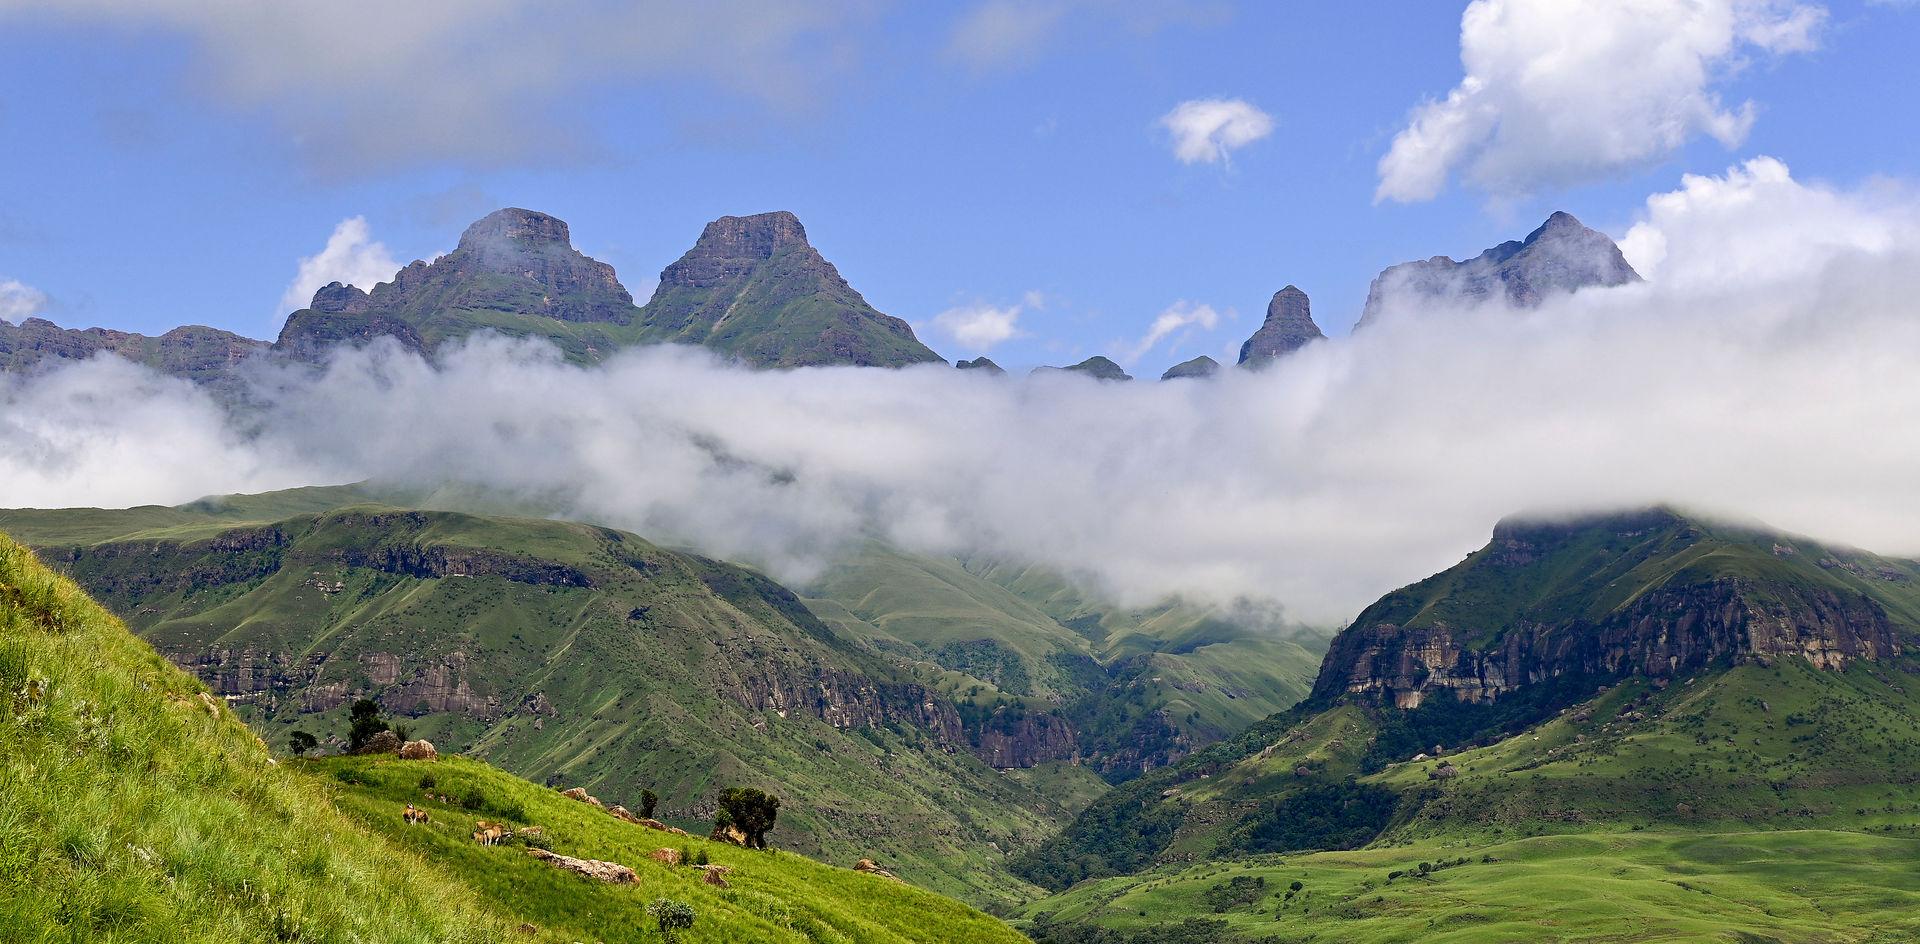 uKhahlamba-Drakensberg Park KwaZulu-Natal, South Africa